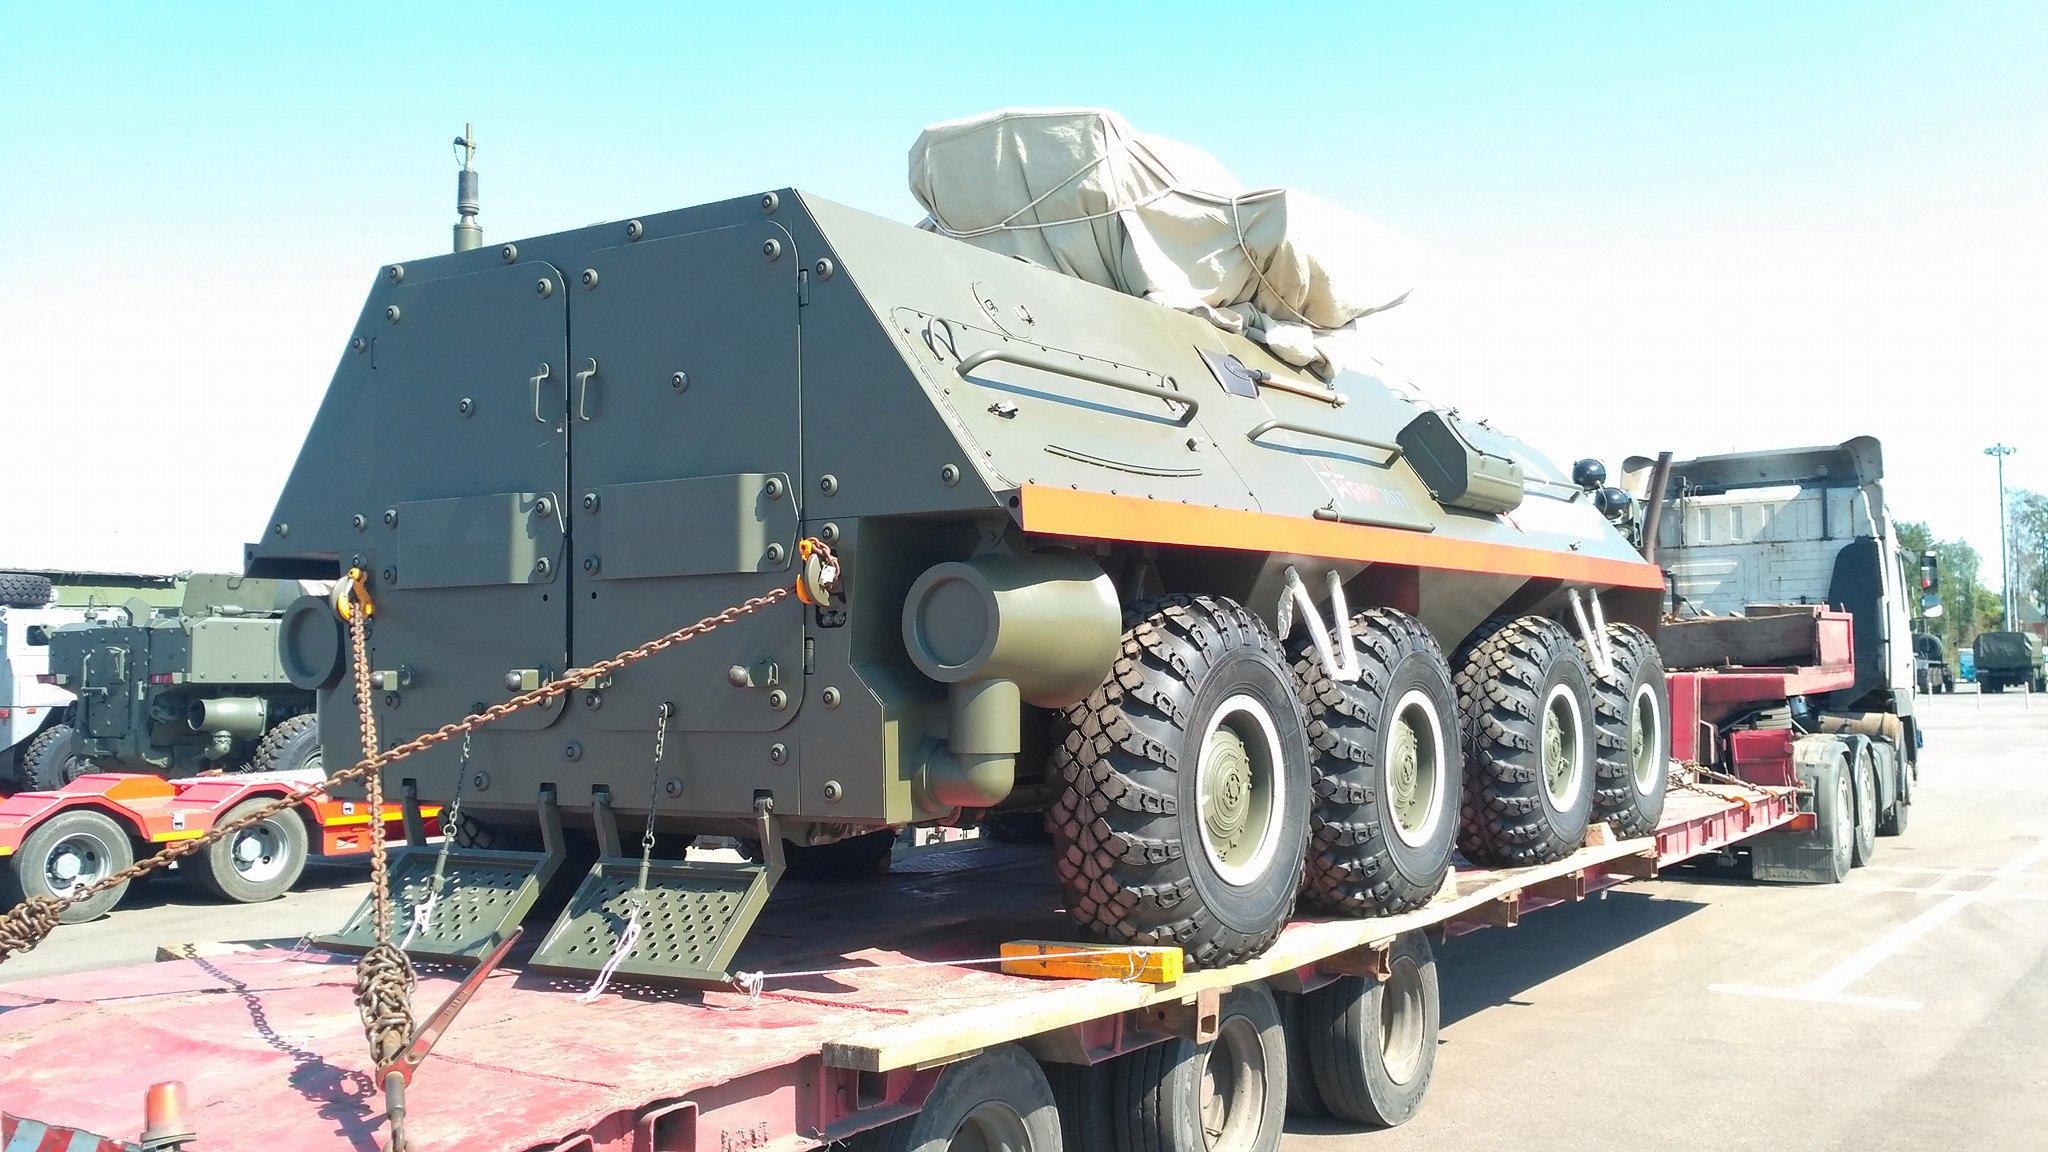 Armija-Nemzetközi haditechnikai fórum és kiállítás UL0T7MtWQCQ